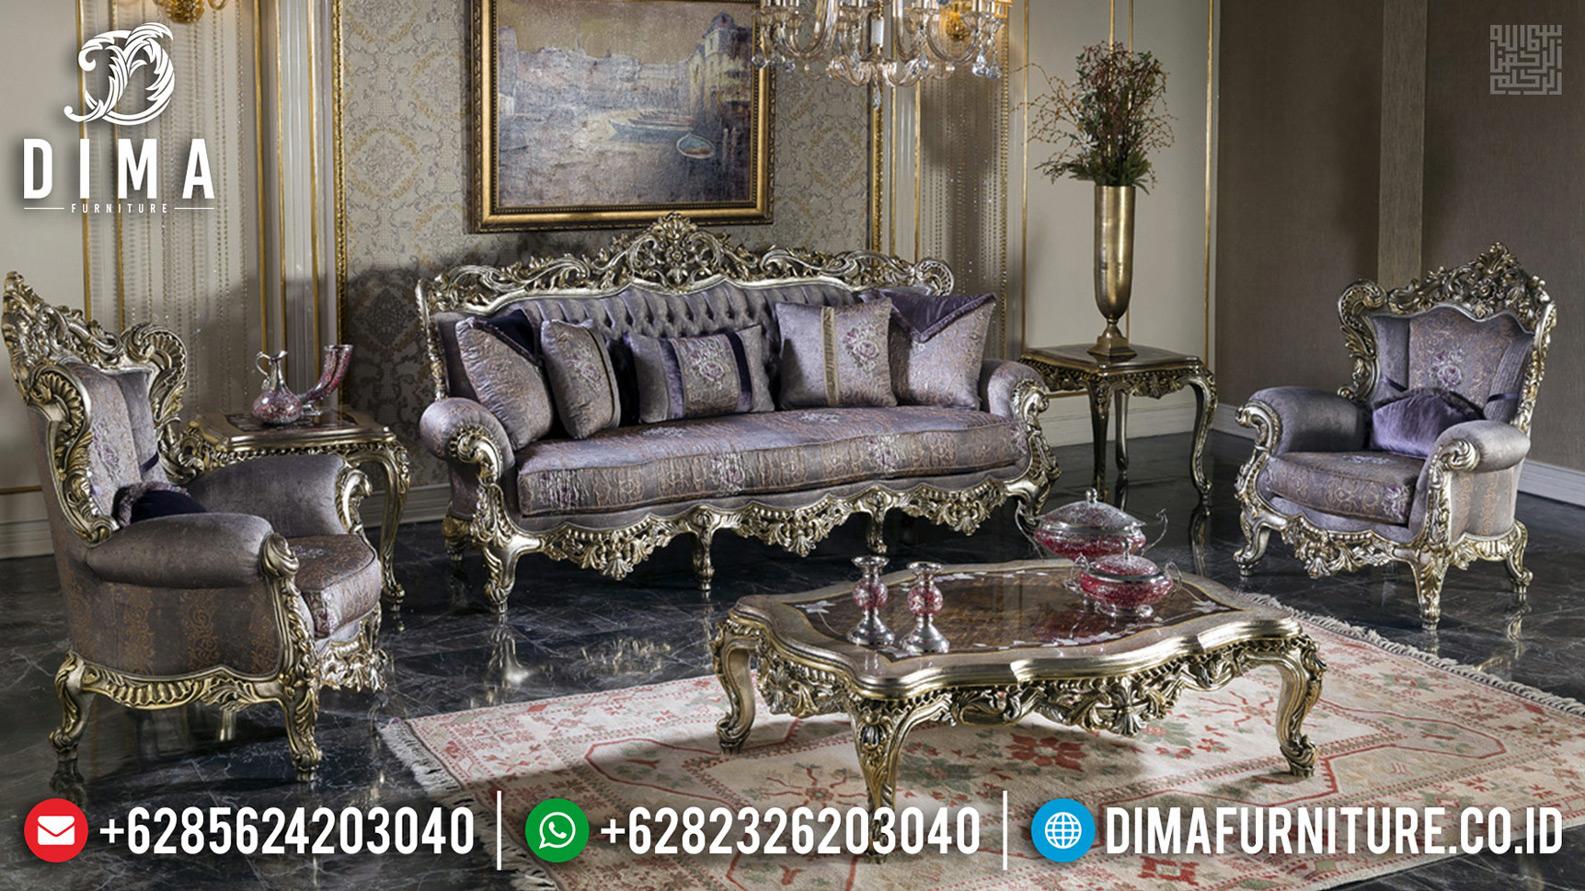 Empire Design Sofa Tamu Mewah Klasik Luxury Royals Carving Furniture Jepara TTJ-0662